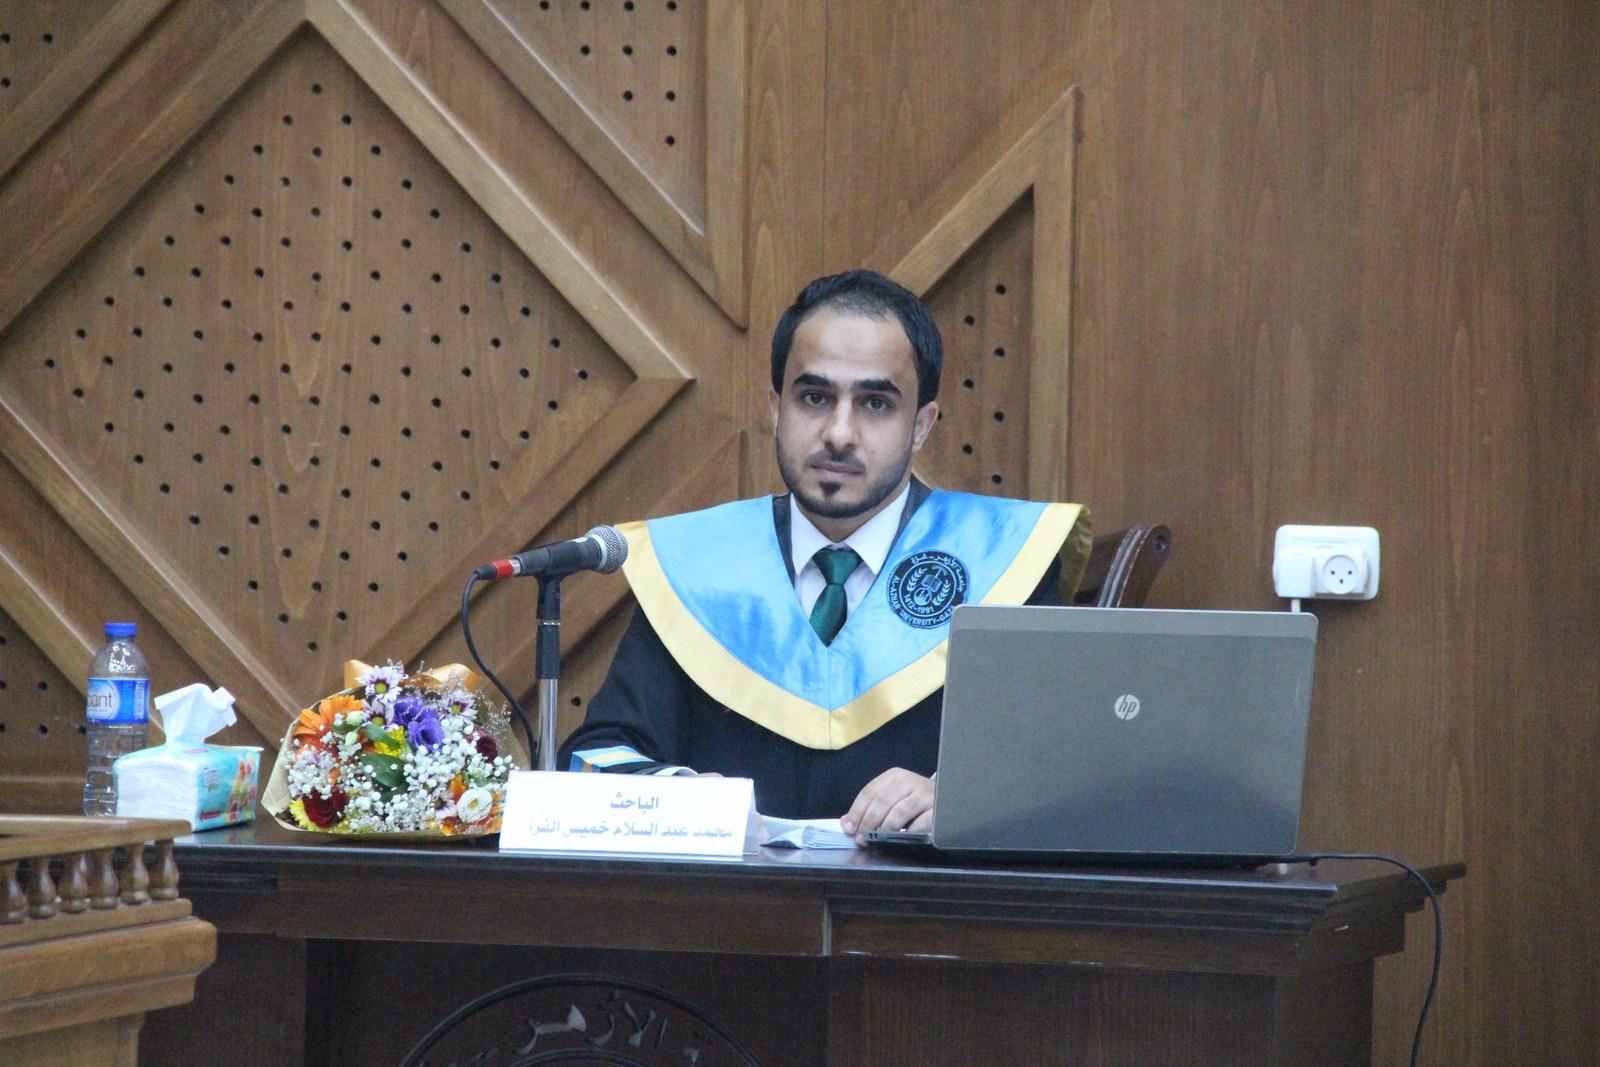 الاستاذ : محمد عبدالسلام خميس الفرا يحصل على درجة الماجستير